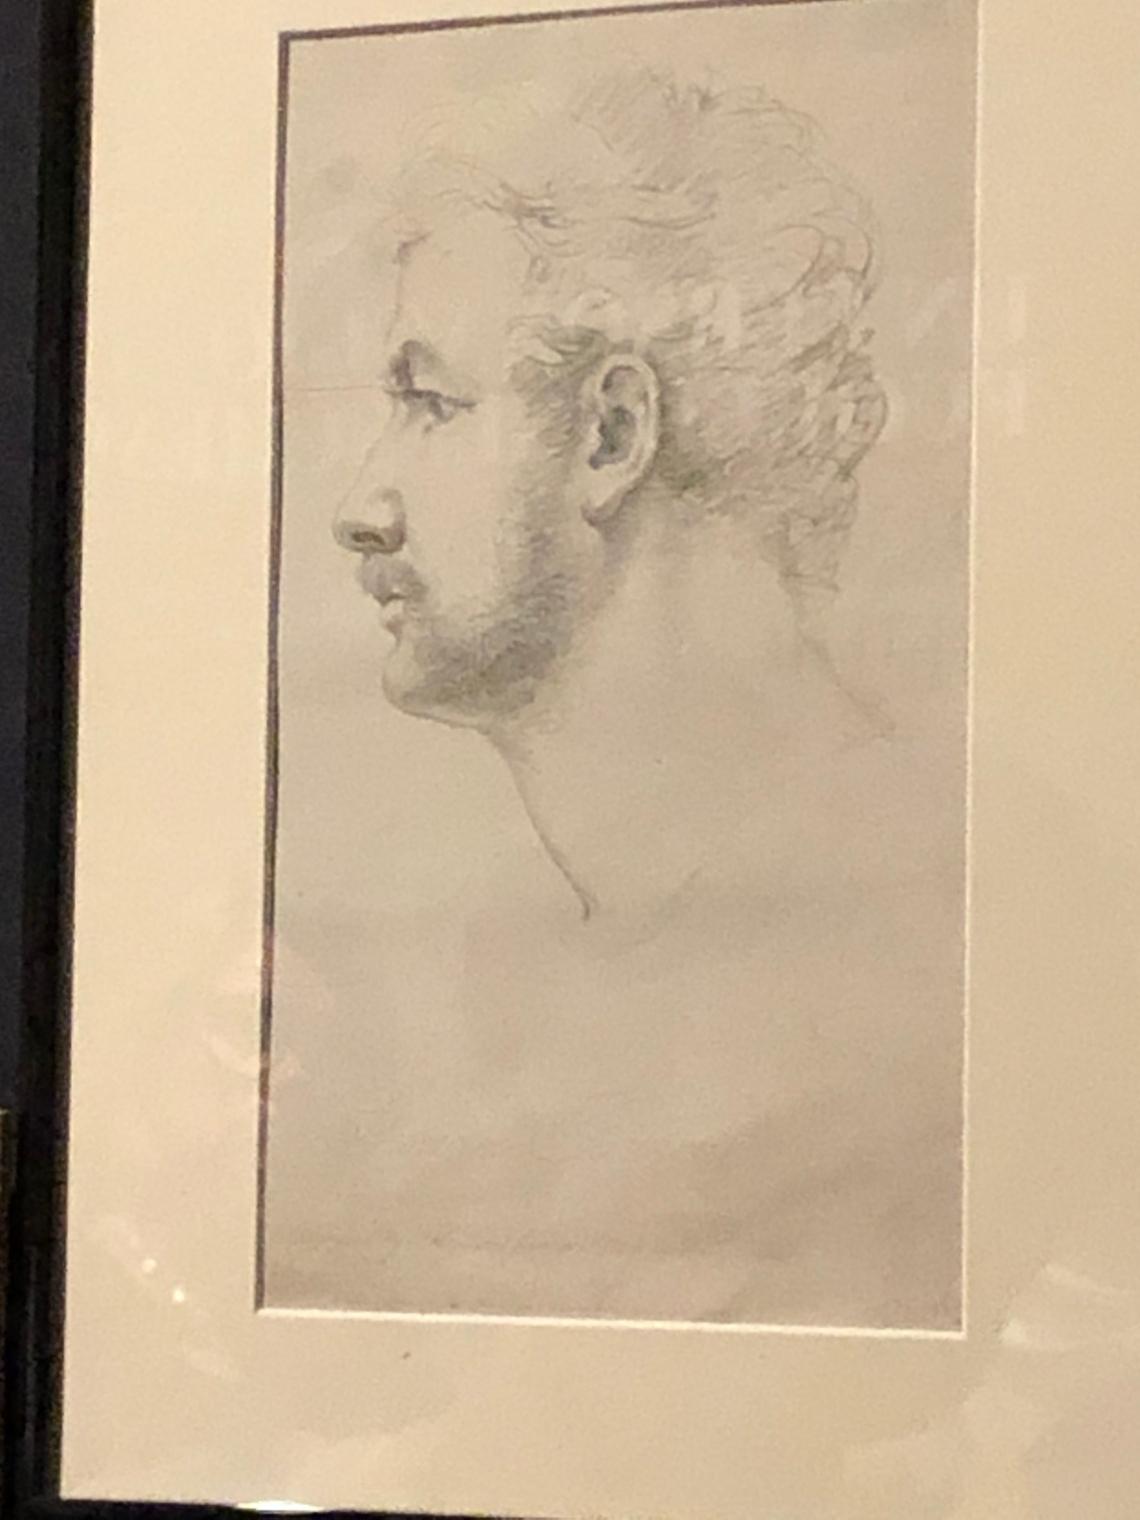 Ritratto di Giovan Battista Belzoni